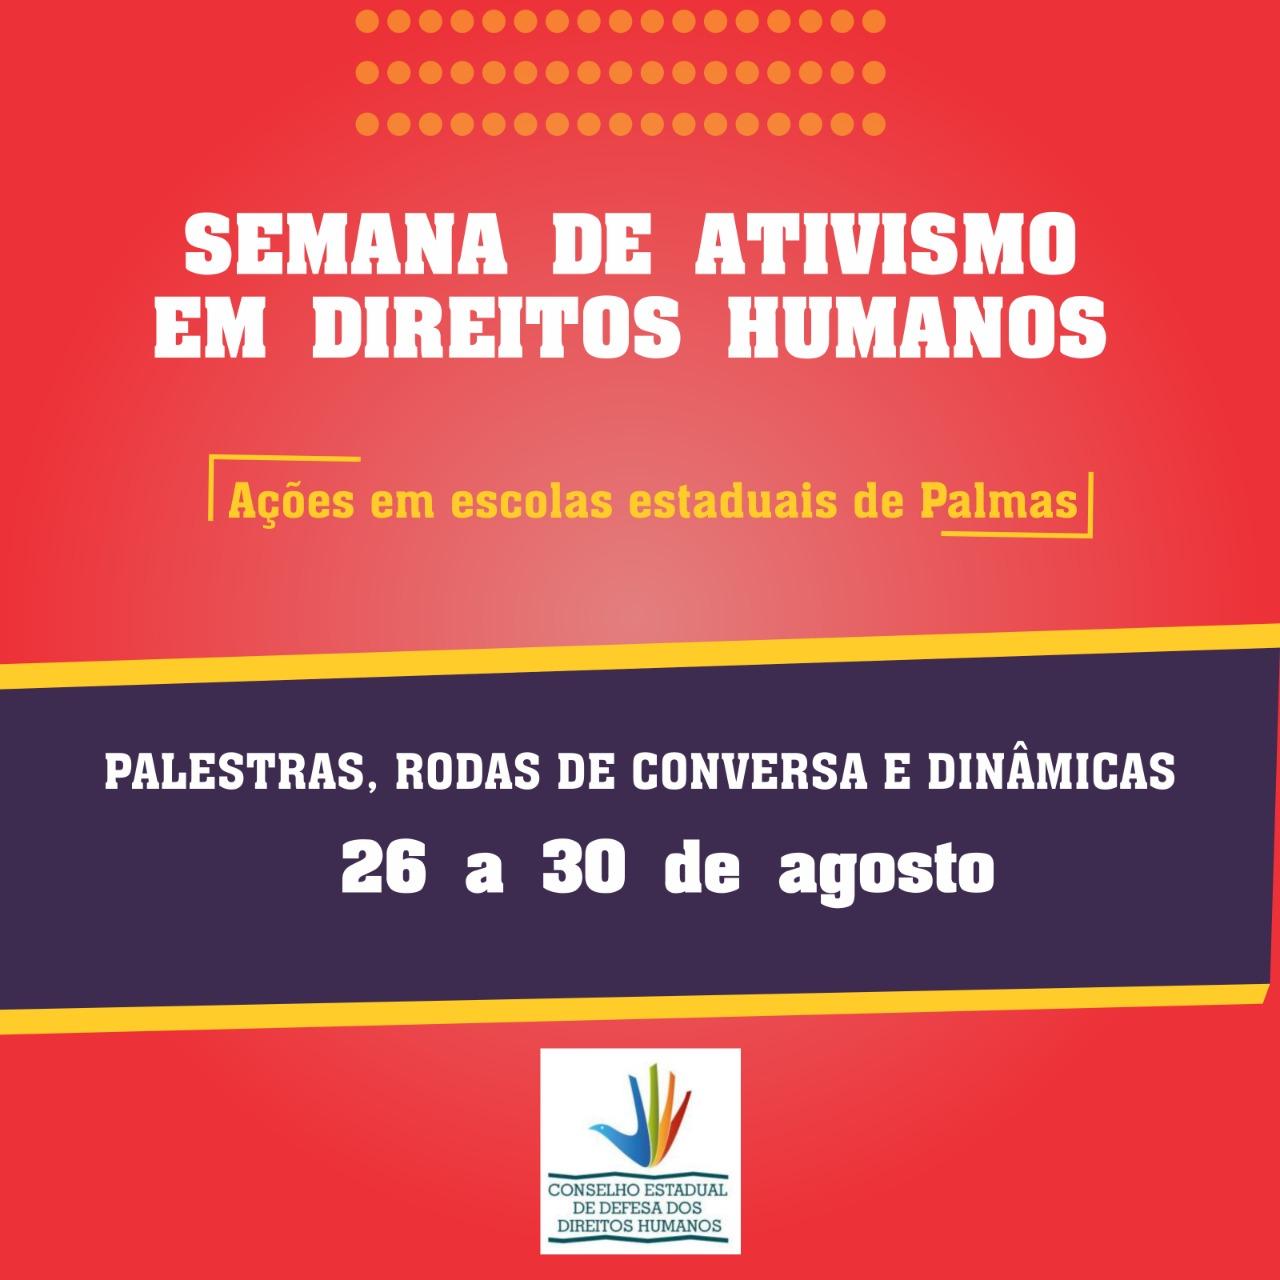 Cidadania e Justiça apoia a realização da Semana de Ativismo em Direitos Humanos em escolas da capital